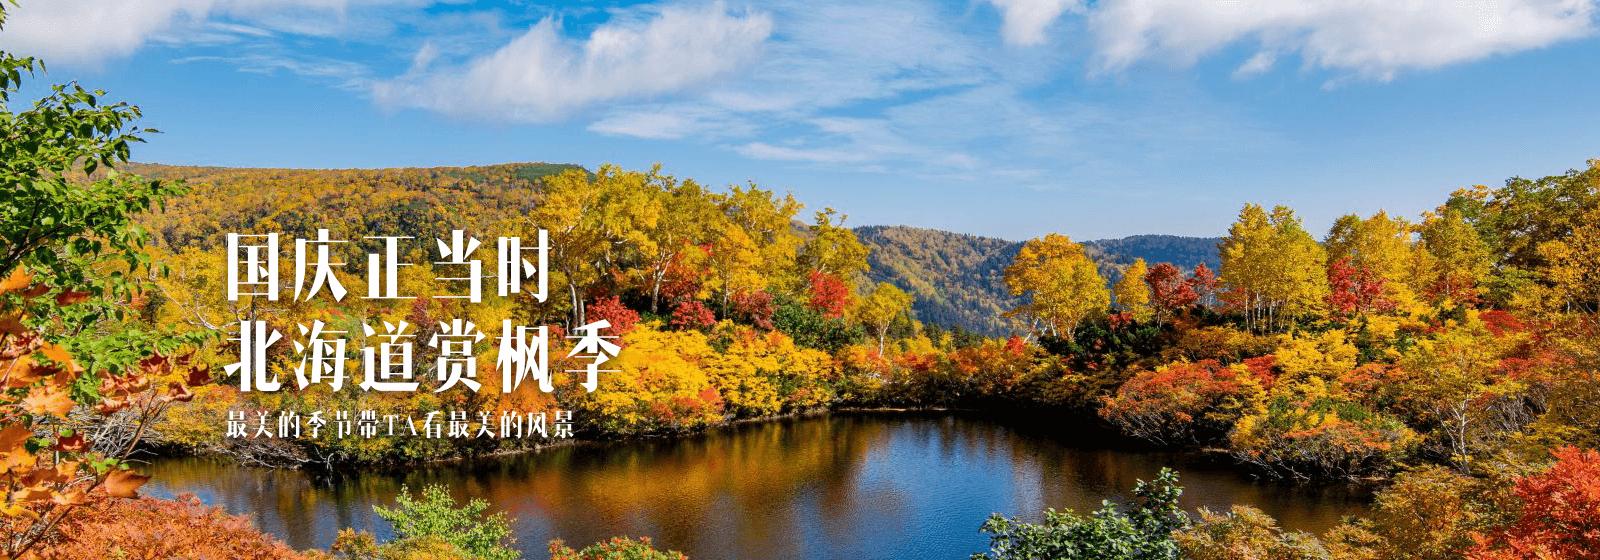 国庆正当时·北海道赏枫季